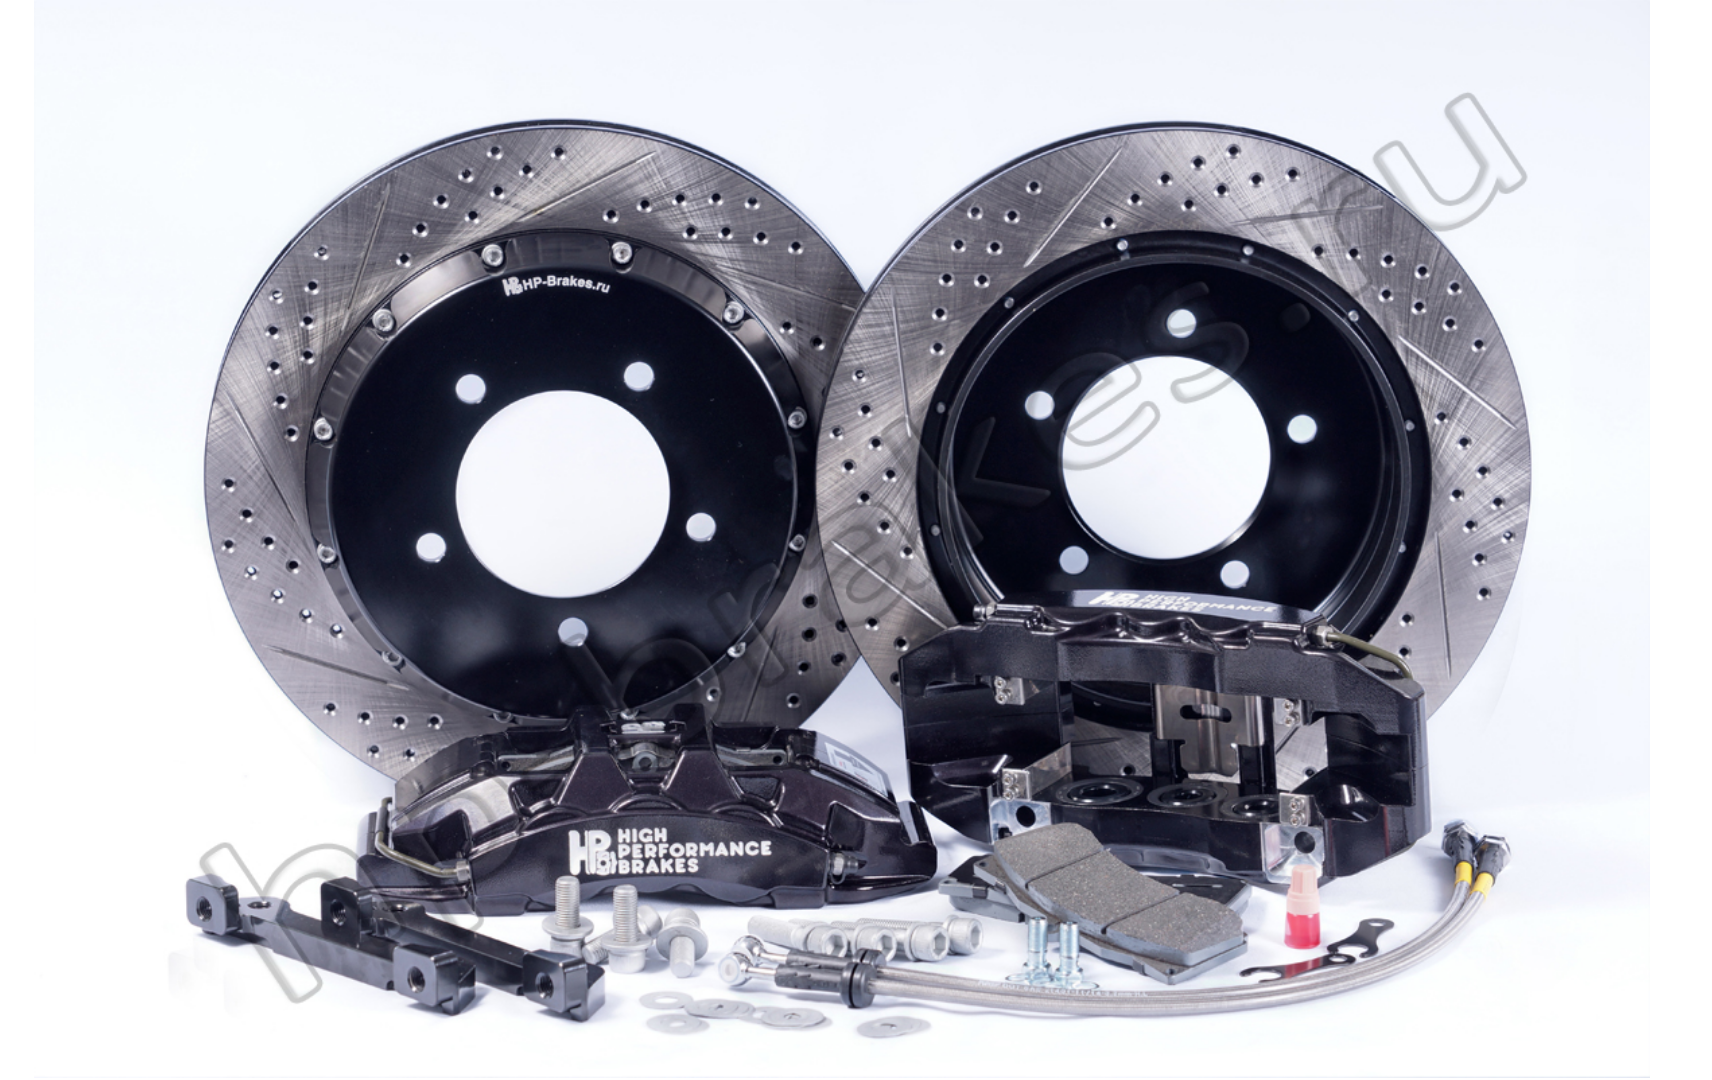 Тормозная система HP Brakes (Задняя ось, D19, 6 поршней, диск 380х32мм)